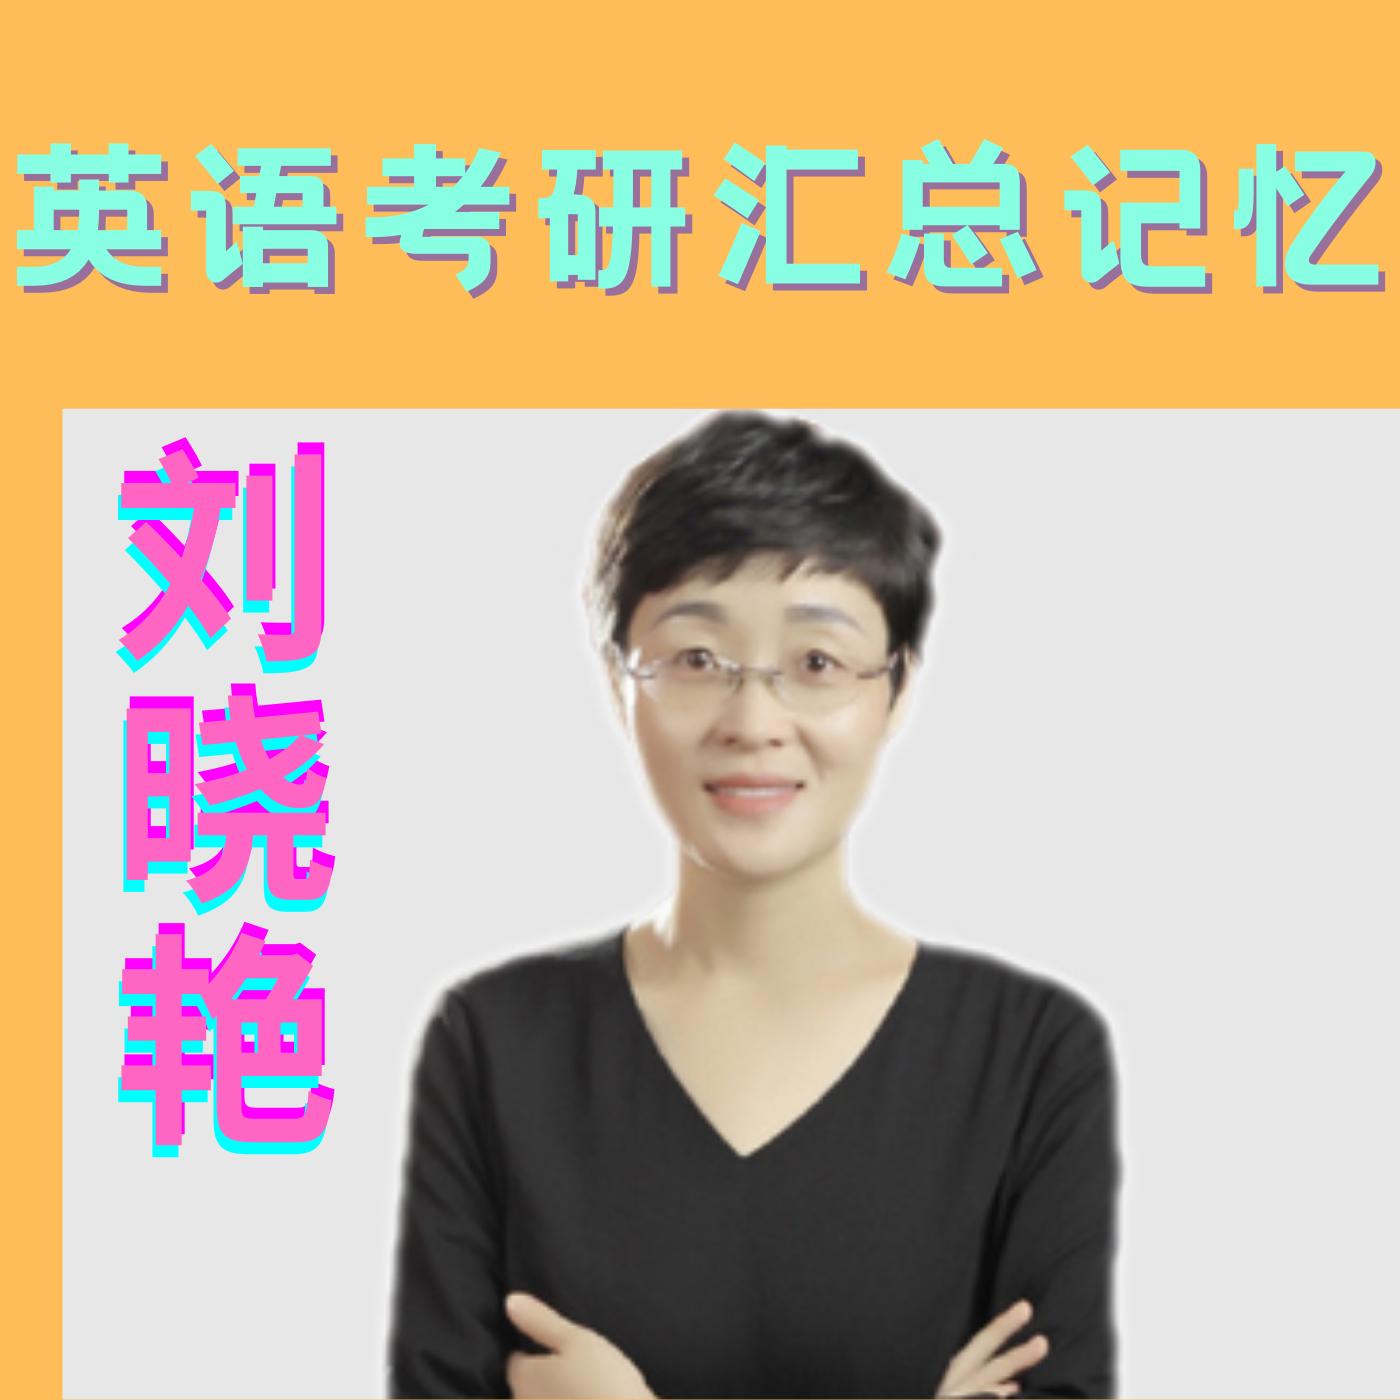 刘晓艳英语考研汇总记忆|单词记忆